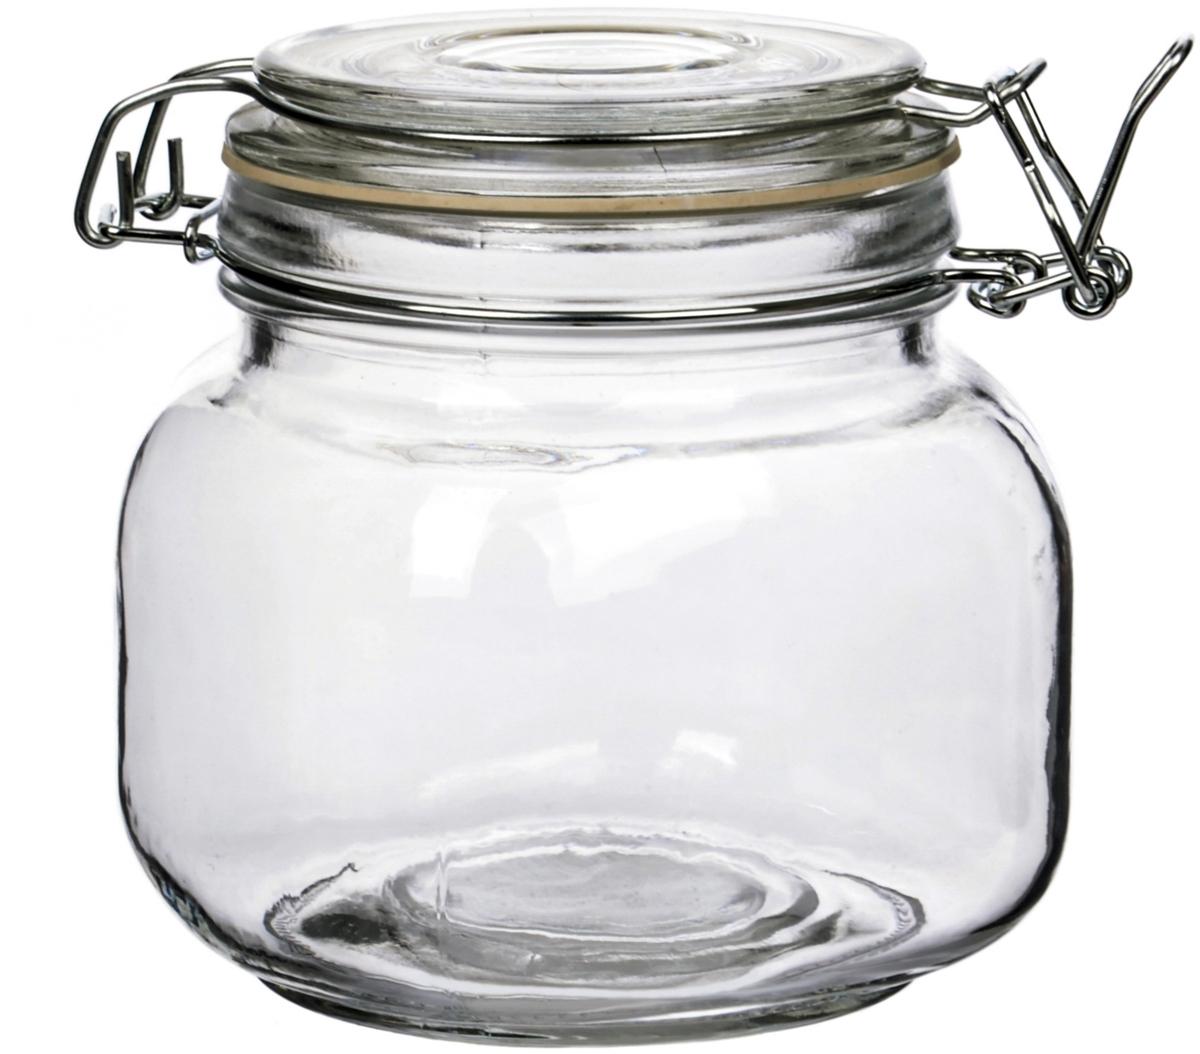 Банка Zibo Shelley, изготовленная из высококачественного стекла, подходит для хранения сыпучих продуктов: круп, специй, сахара, соли. Она снабжена металлической крышкой, которая плотно и герметично закрывается, дольше сохраняя аромат и свежесть содержимого.  Банка для сыпучих продуктов Zibo Shelley станет полезным приобретением и пригодится на любой кухне.